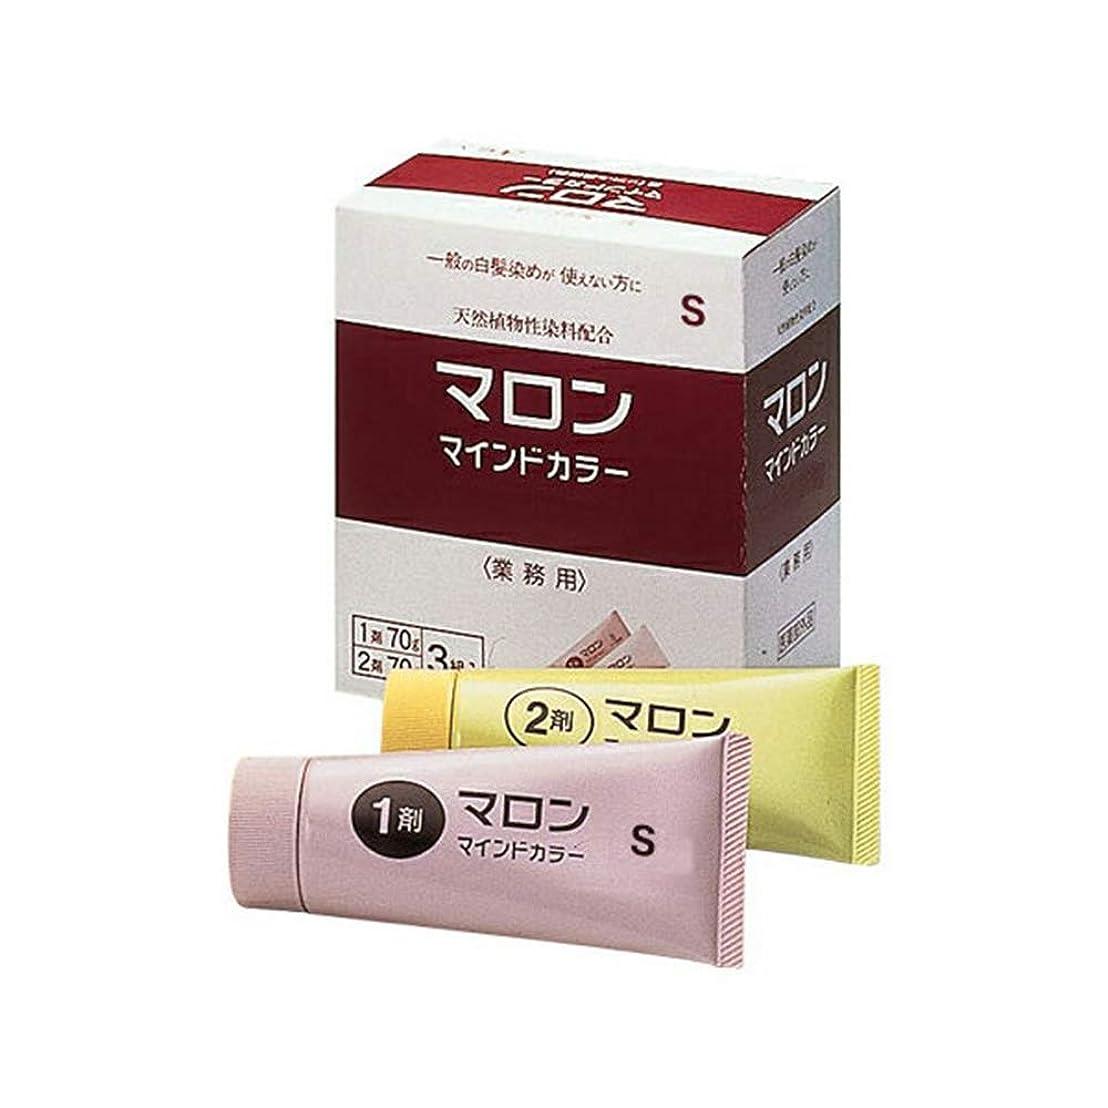 柔らかい化粧膿瘍【サイオス】マロン マインドカラー S ソフトな黒褐色 70g×3/70g×3